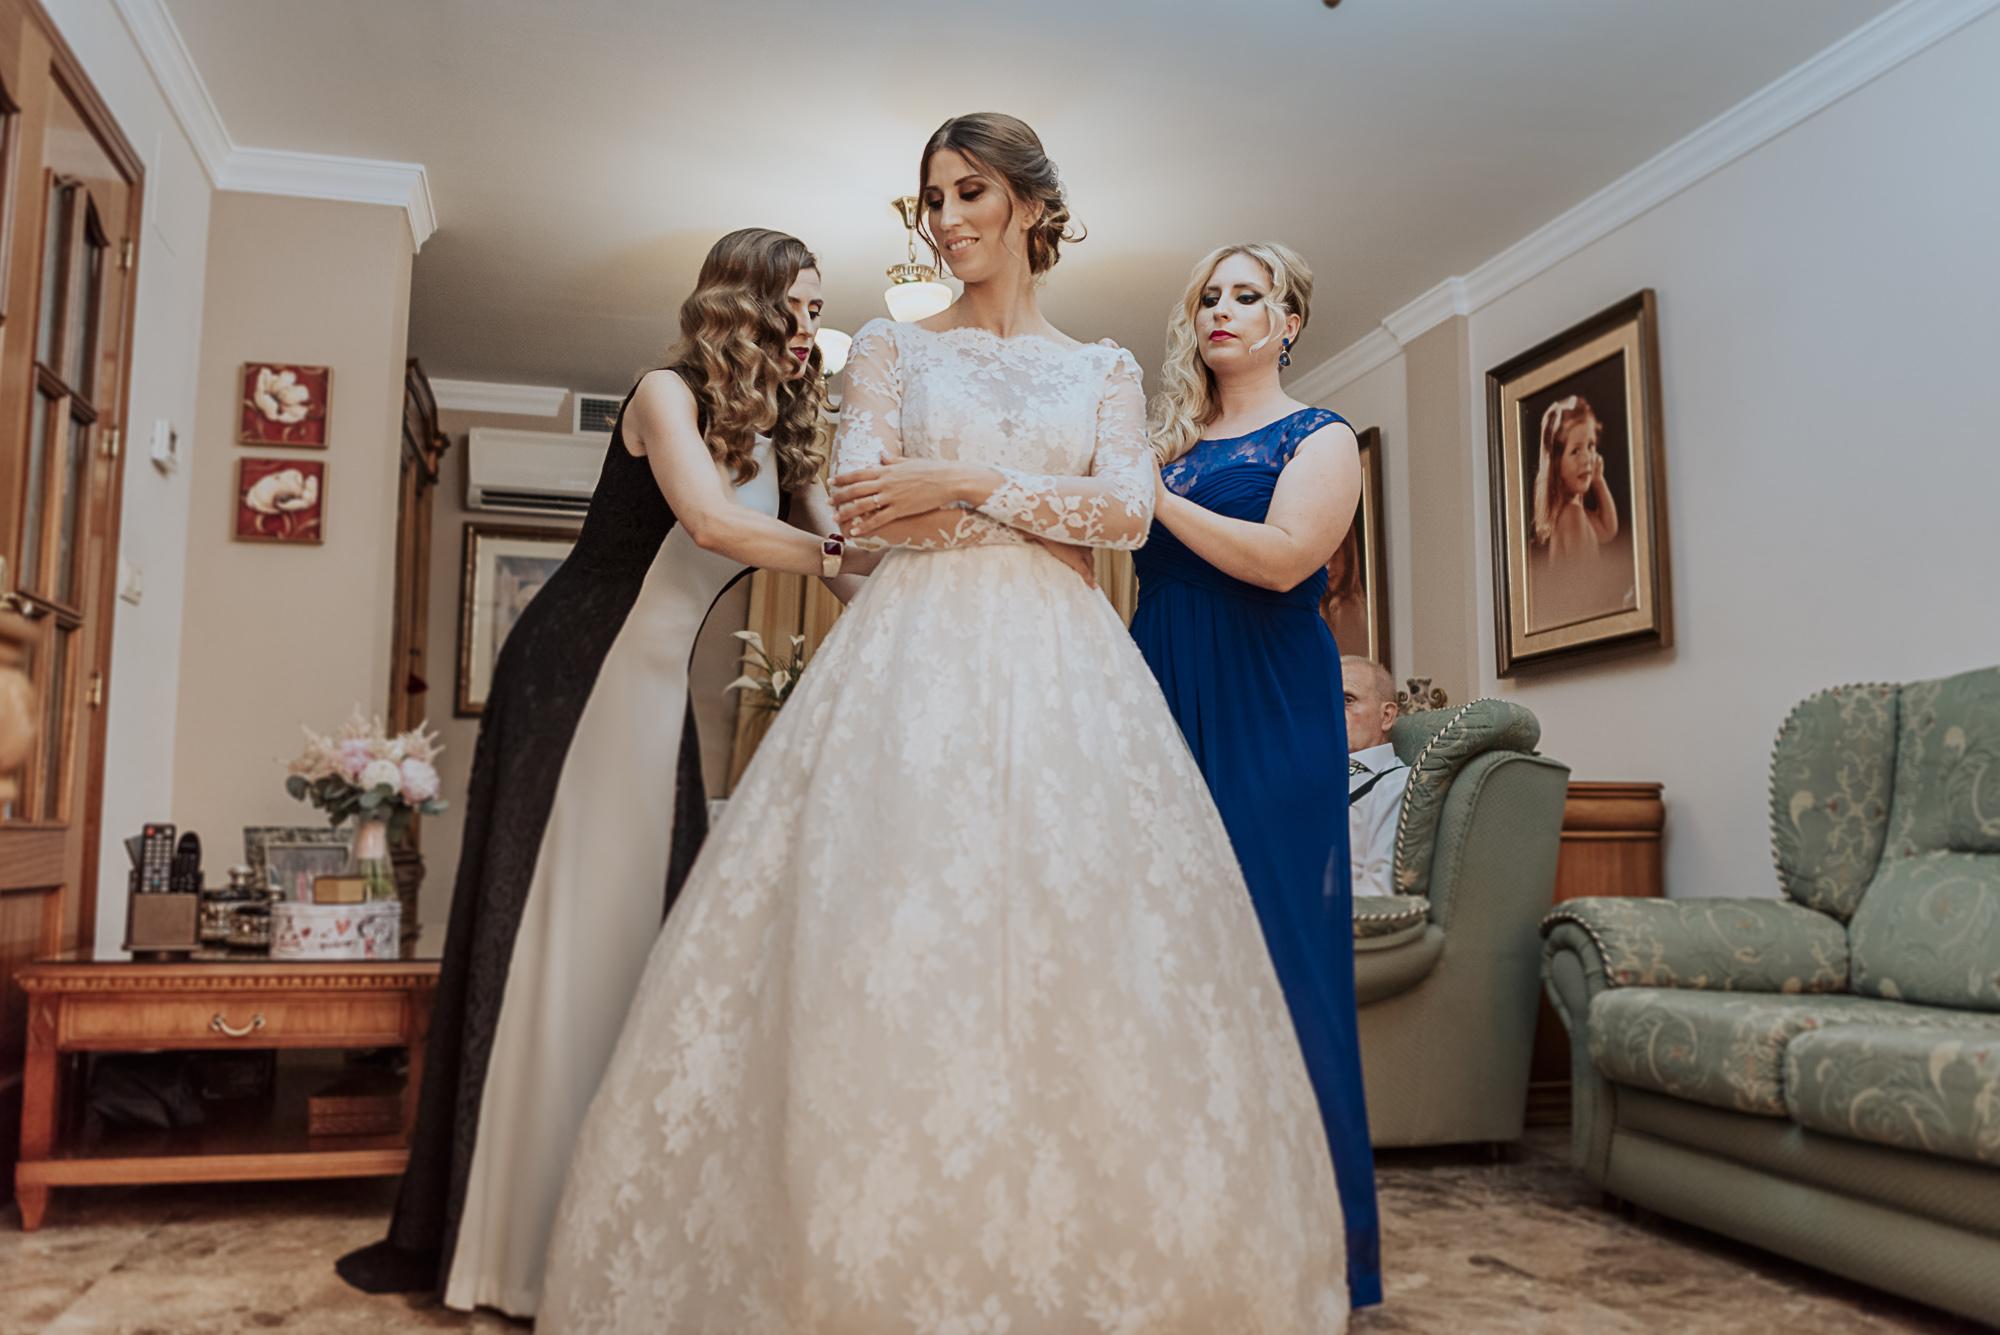 garatefotografia-fotografo-de-boda-en-Granada (48)